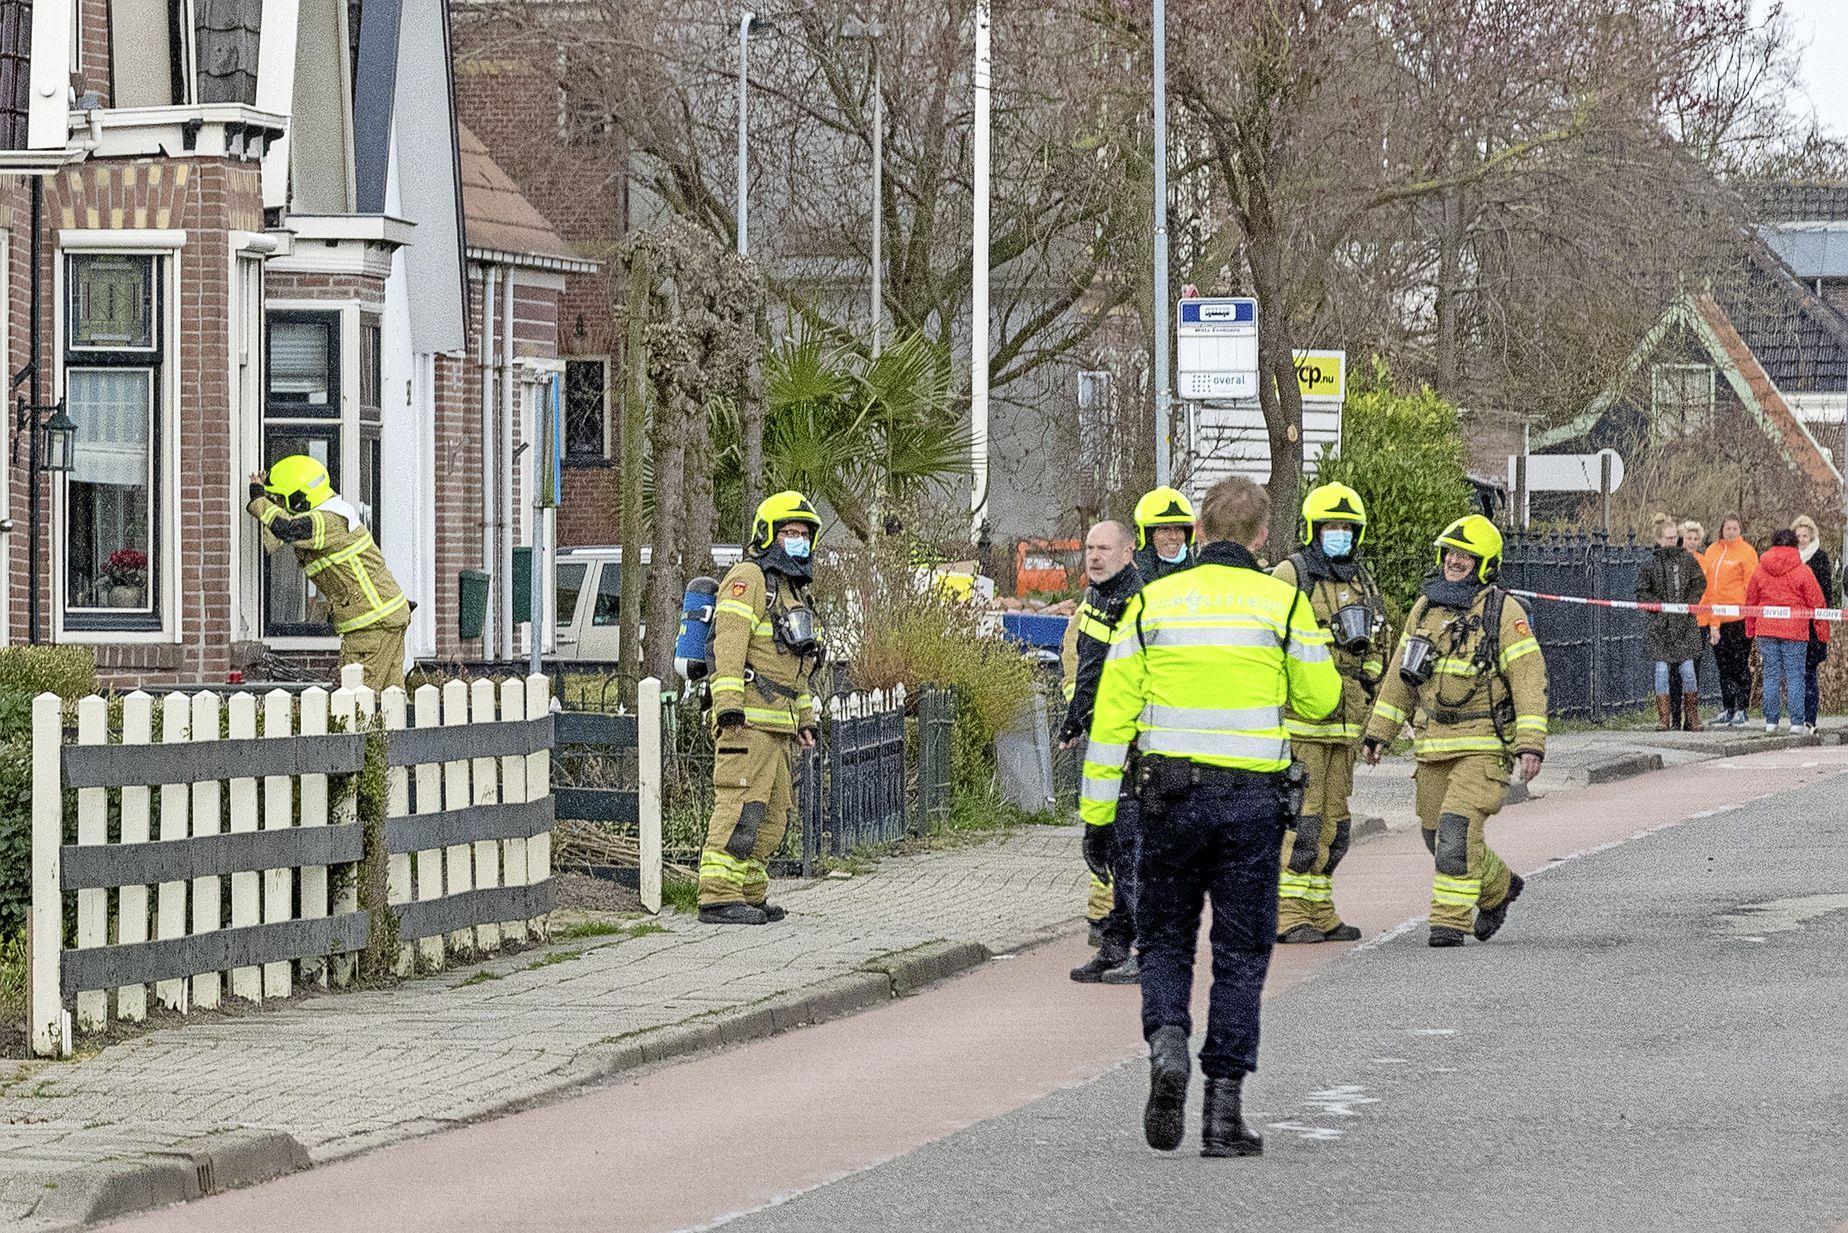 'Iedereen moest weg. Er werd direct overal aangebeld.' Tientallen inwoners Oosterblokker geëvacueerd wegens explosiegevaar